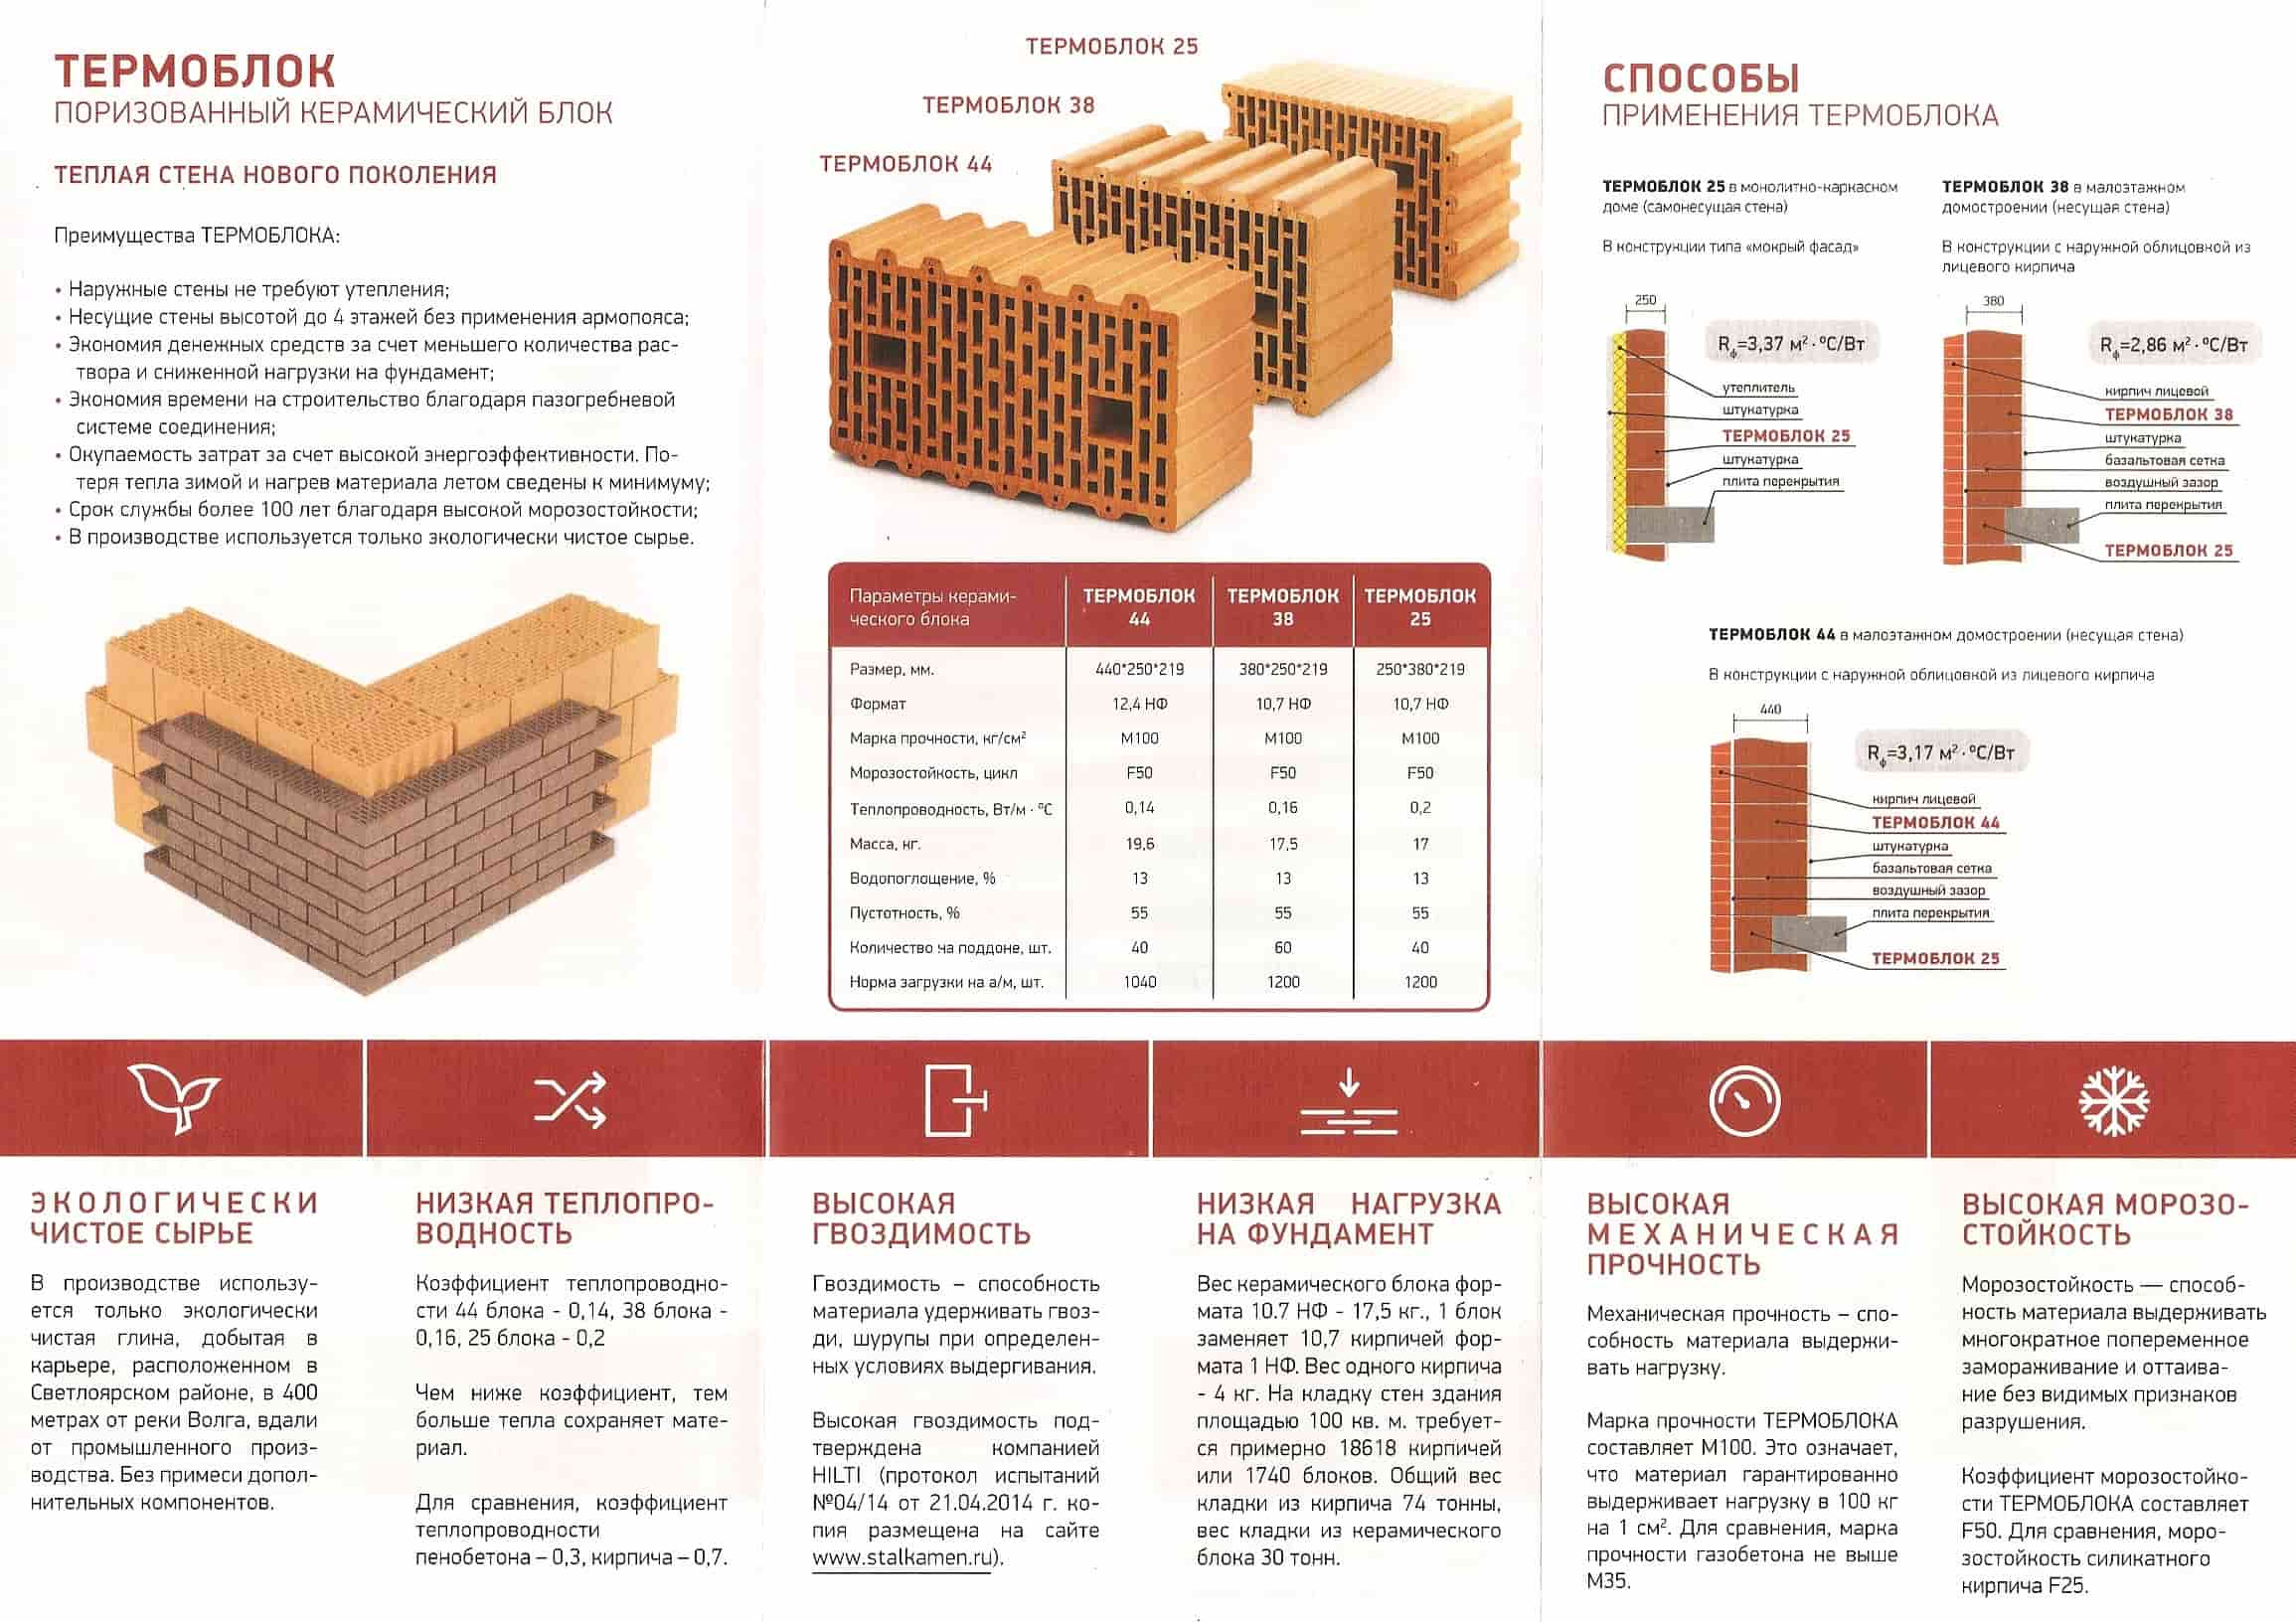 Размер и вес кирпича: красного, силикатного, облицовочного, шамотного